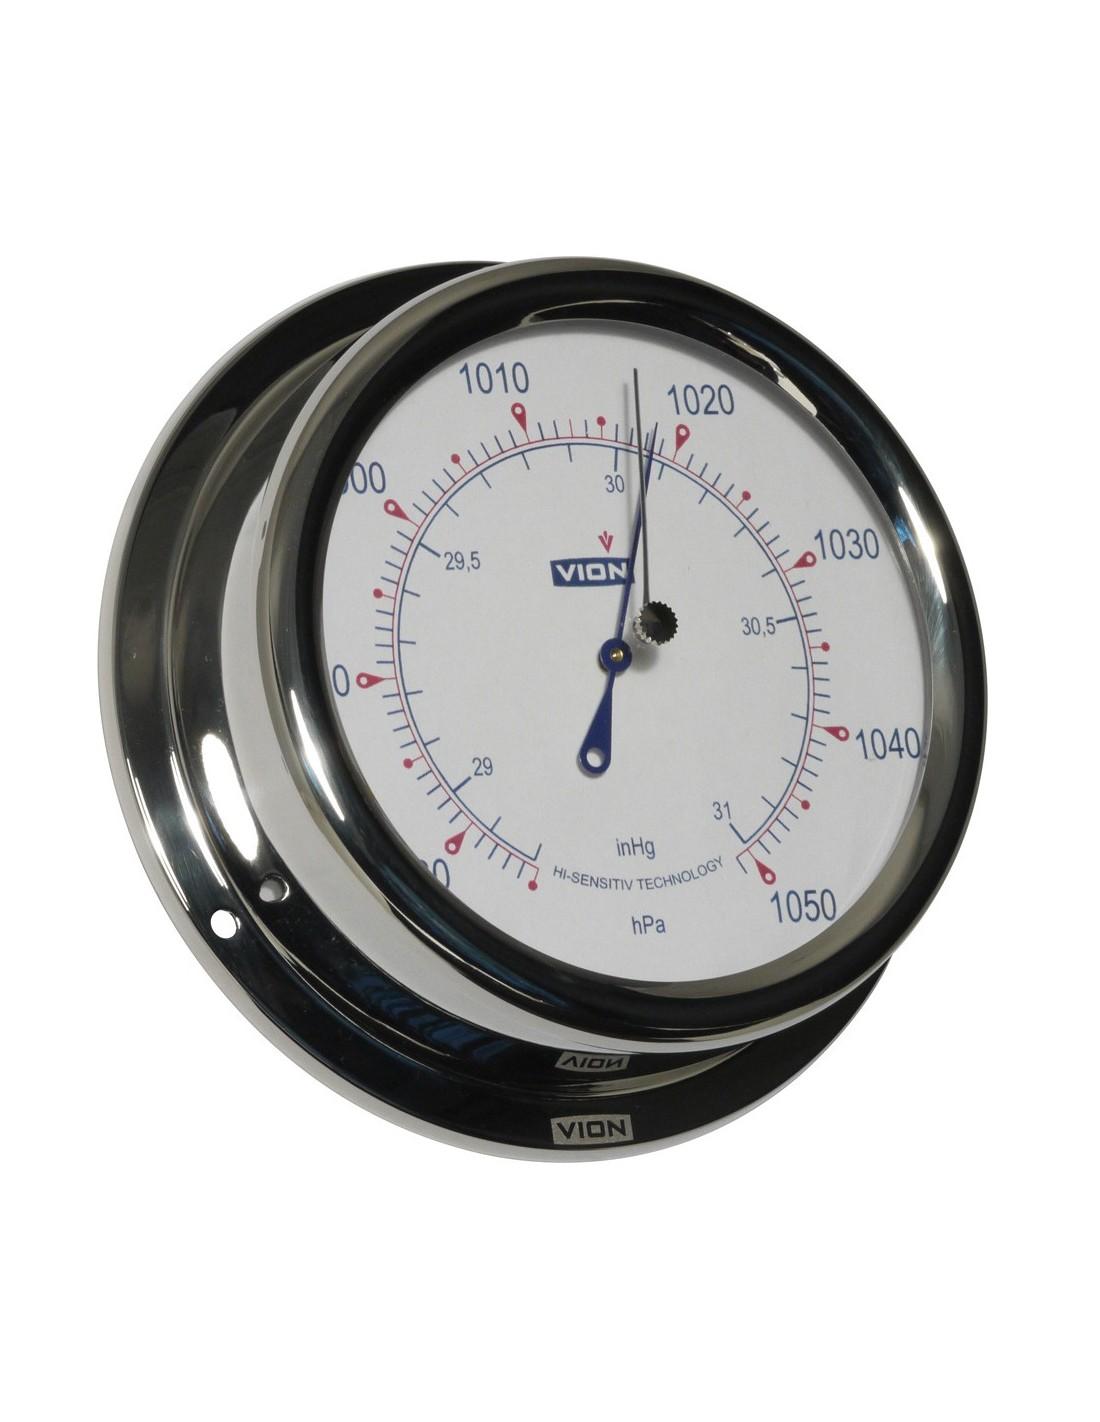 Barometer - Glanzend RVS - 150 mm - VION - Scheepsinstrumenten - A130 B